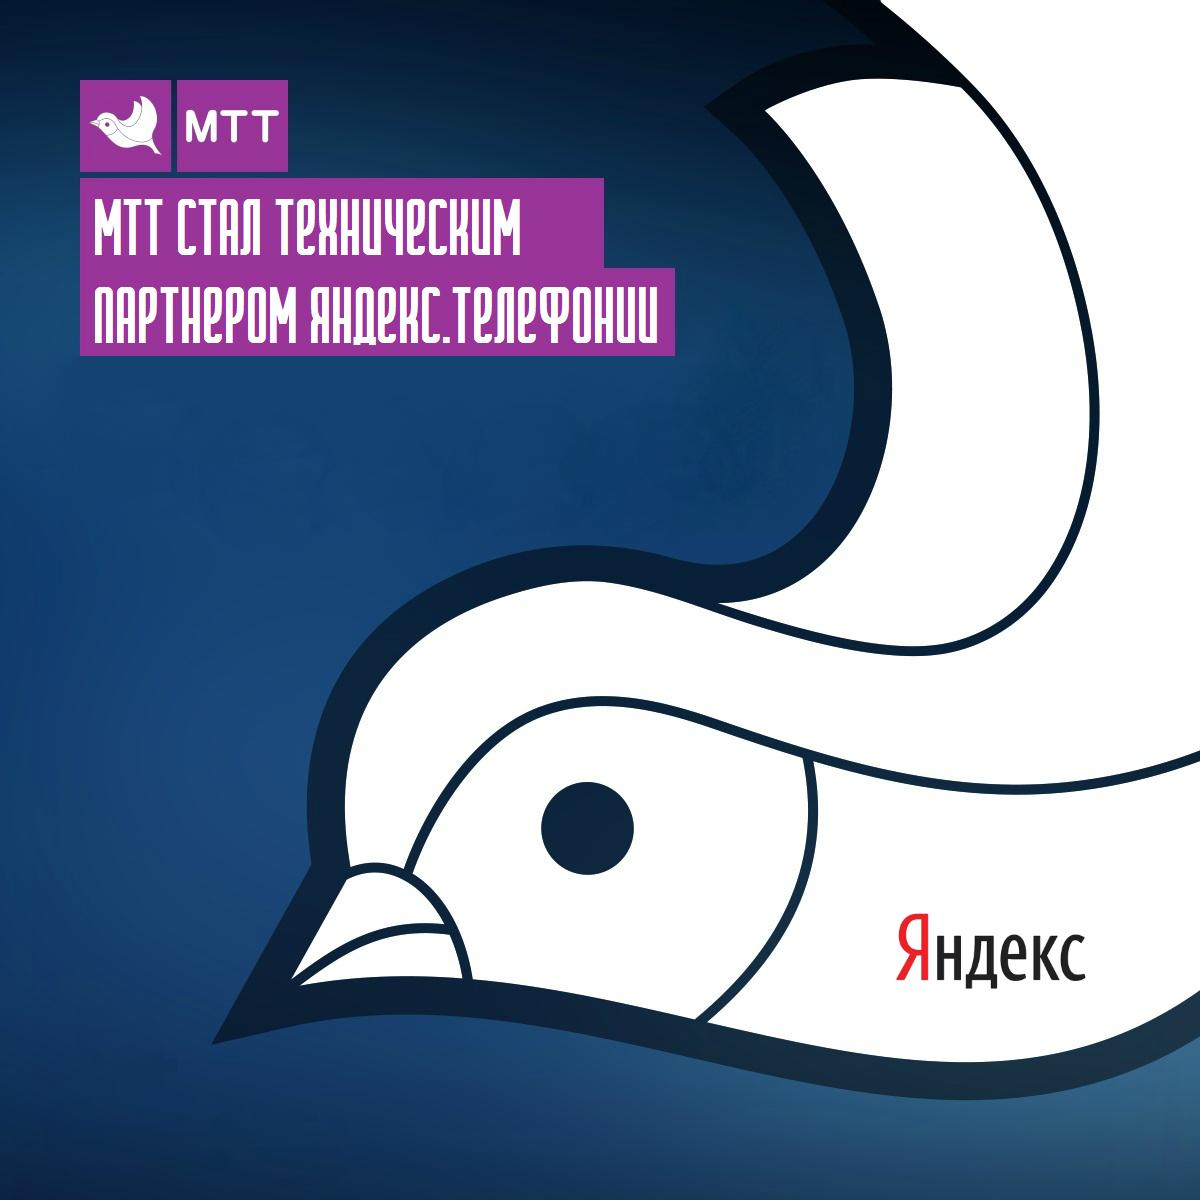 МТТ стал техническим партнером Яндекс.Телефонии 1